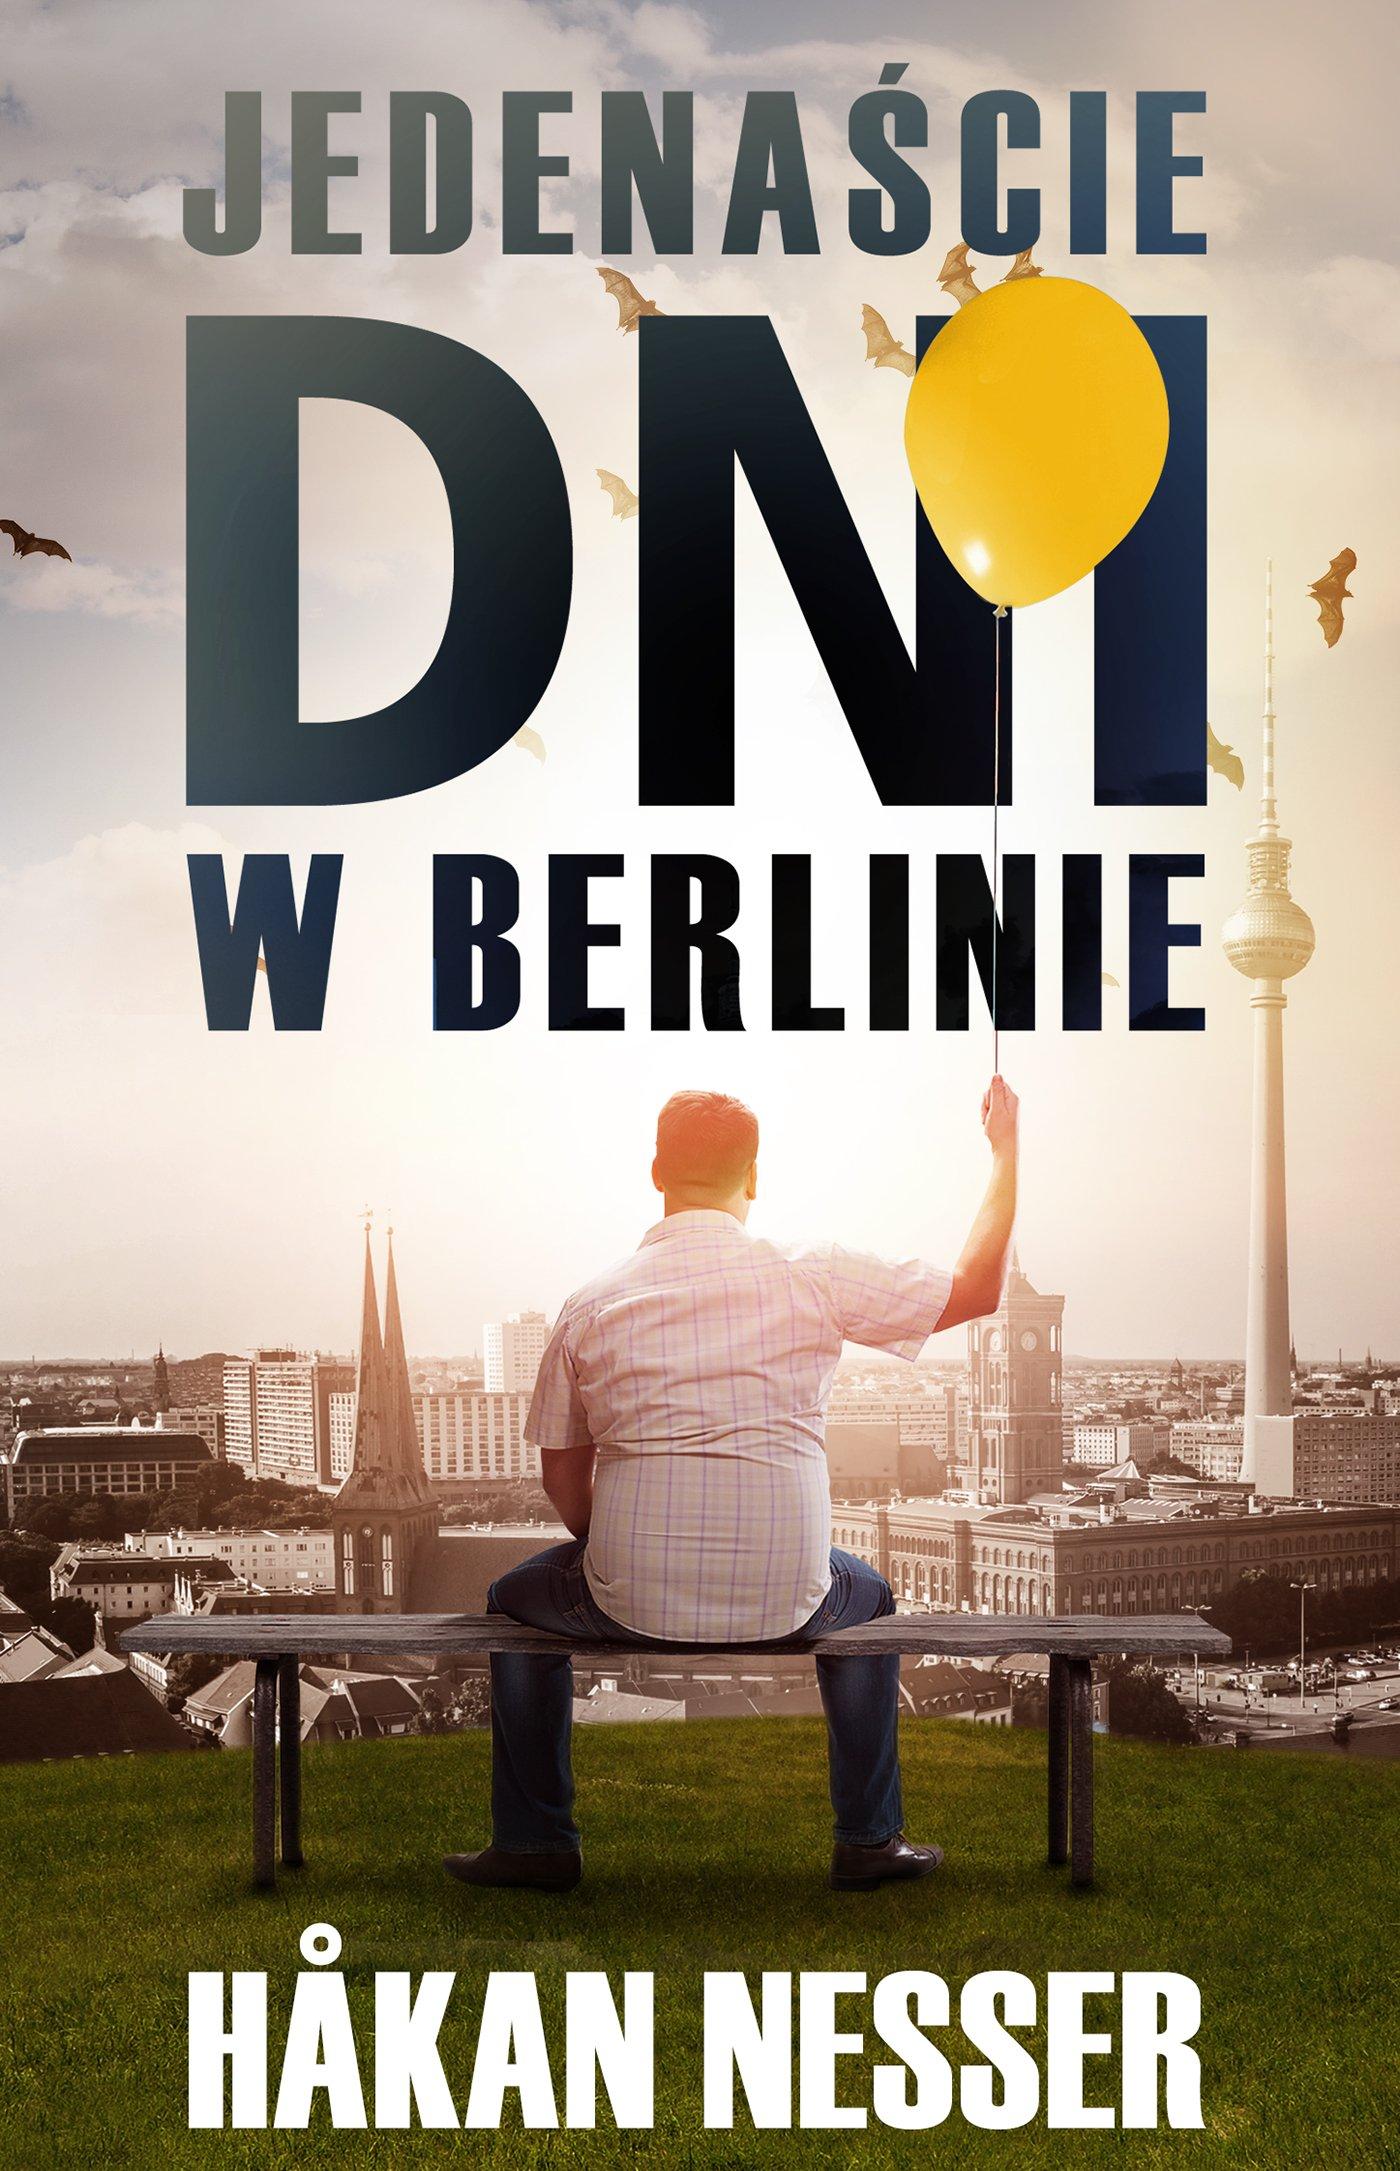 Jedenaście dni w Berlinie - Ebook (Książka na Kindle) do pobrania w formacie MOBI